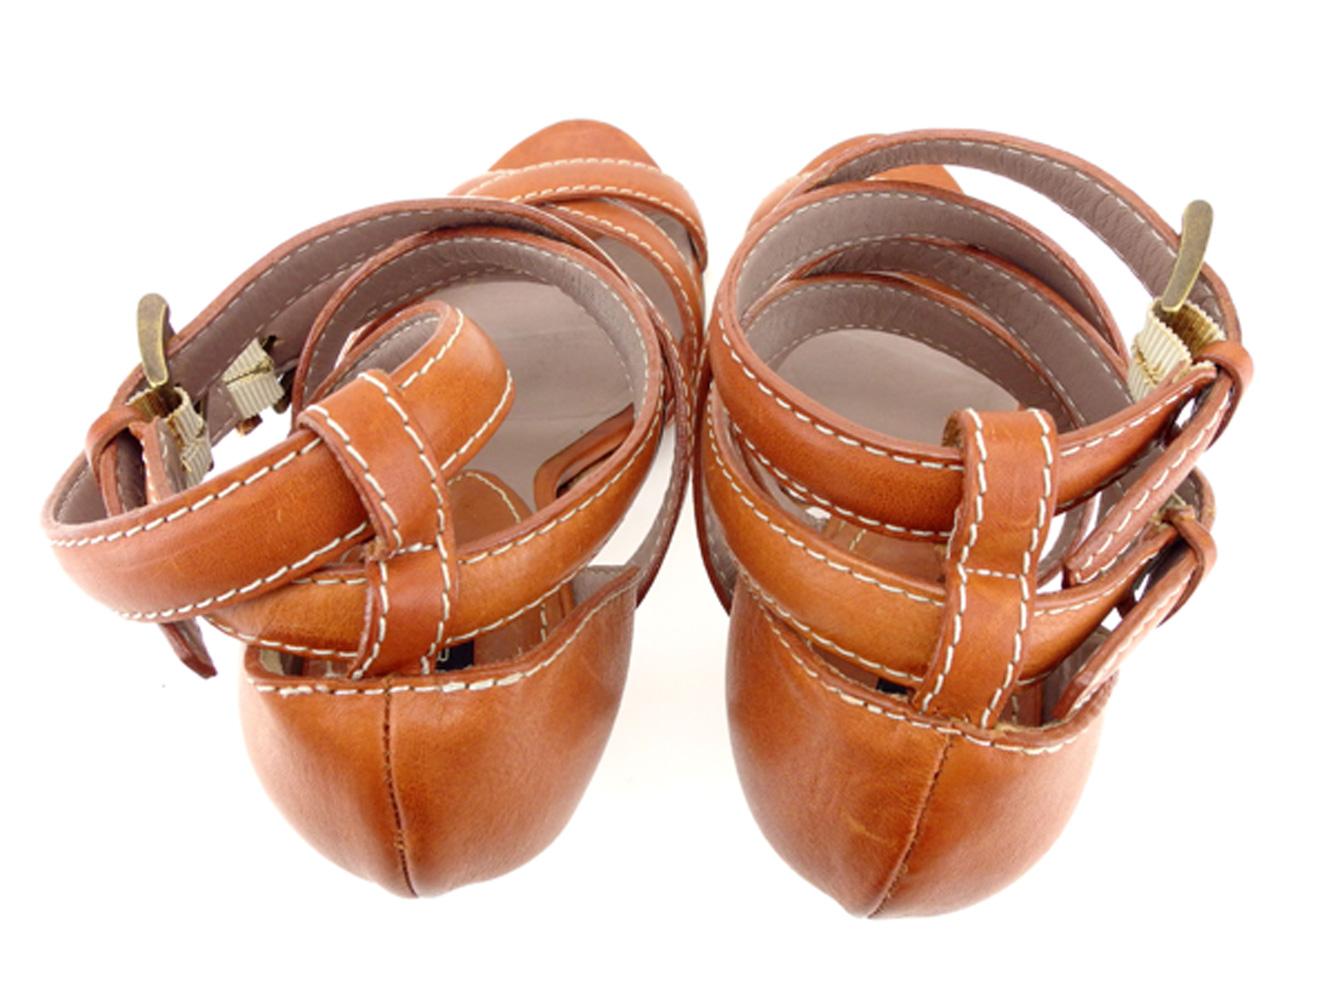 8b7852d8d1a1 エトロ グッチ バッグ ETRO サンダル シューズ ブランド財布 靴 ...